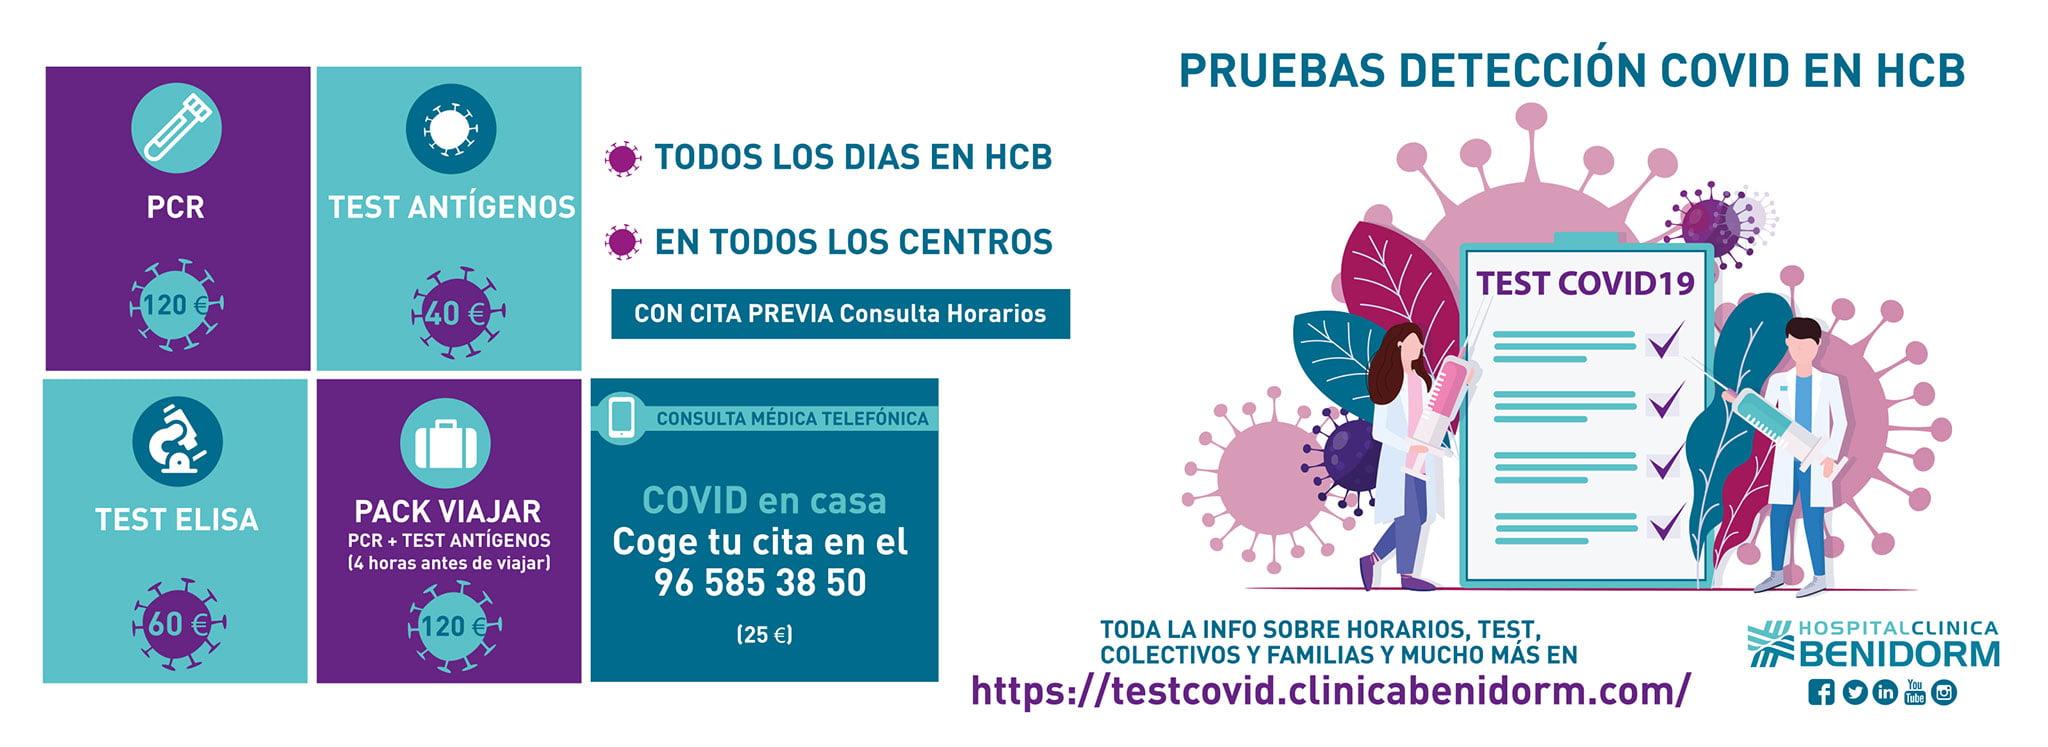 Pruebas de detección de COVID 19 en todos los centros de Hospital Clínica Benidorm (HCB)